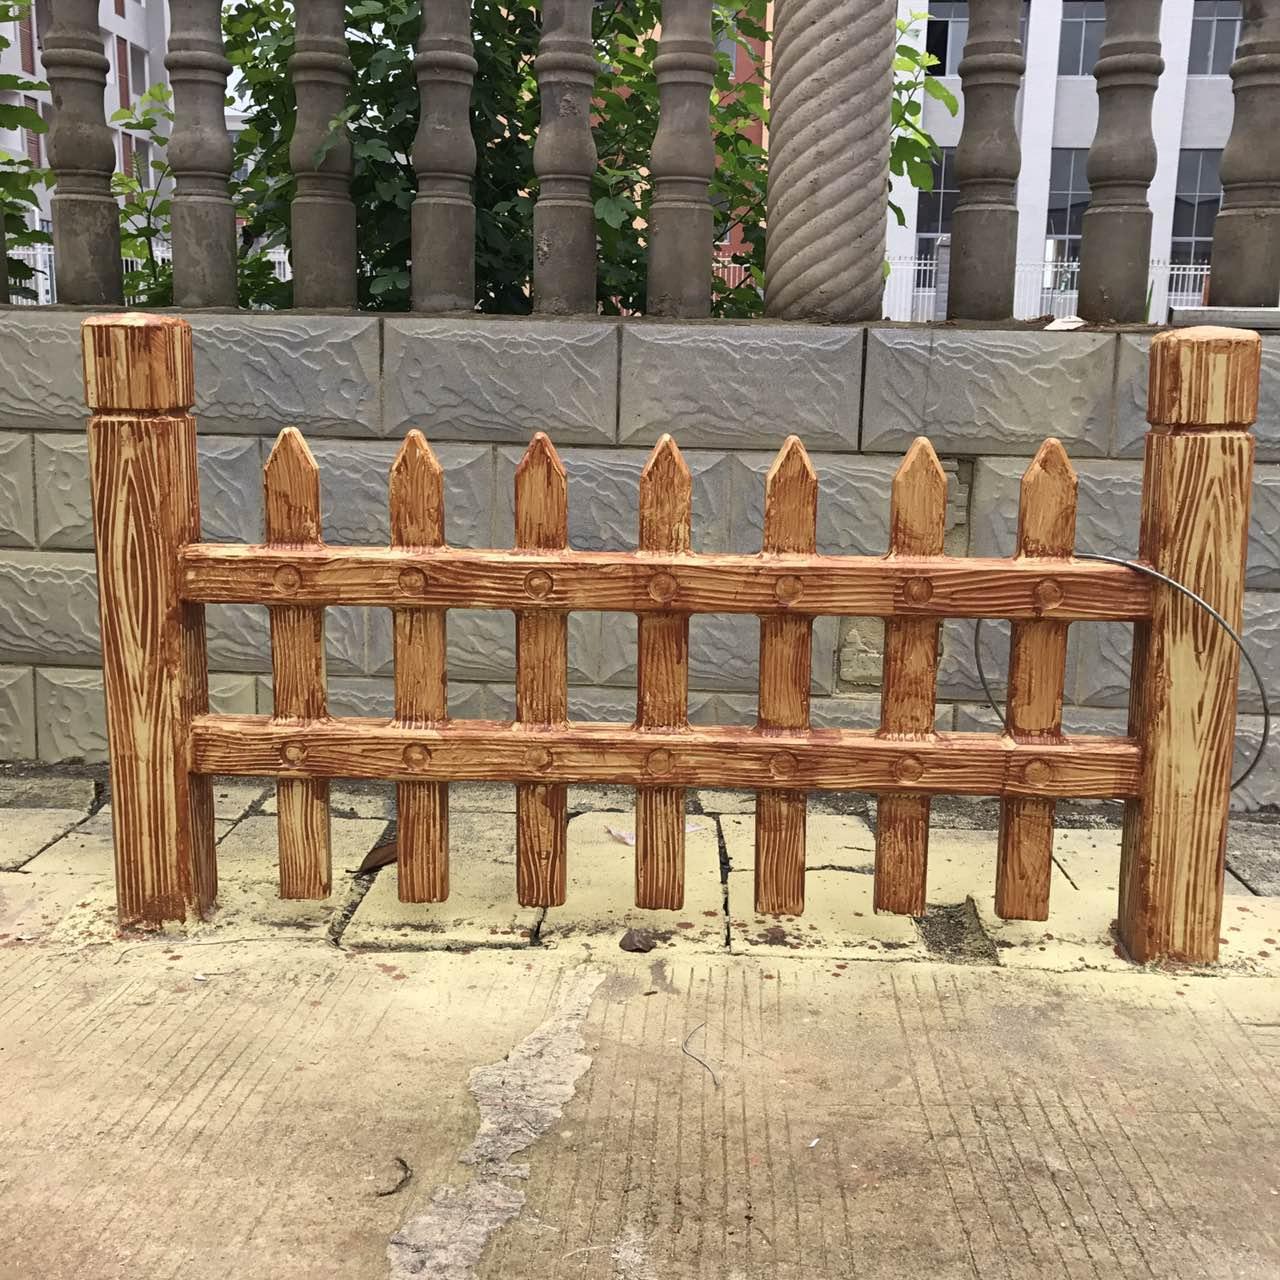 实用的仿木栏杆